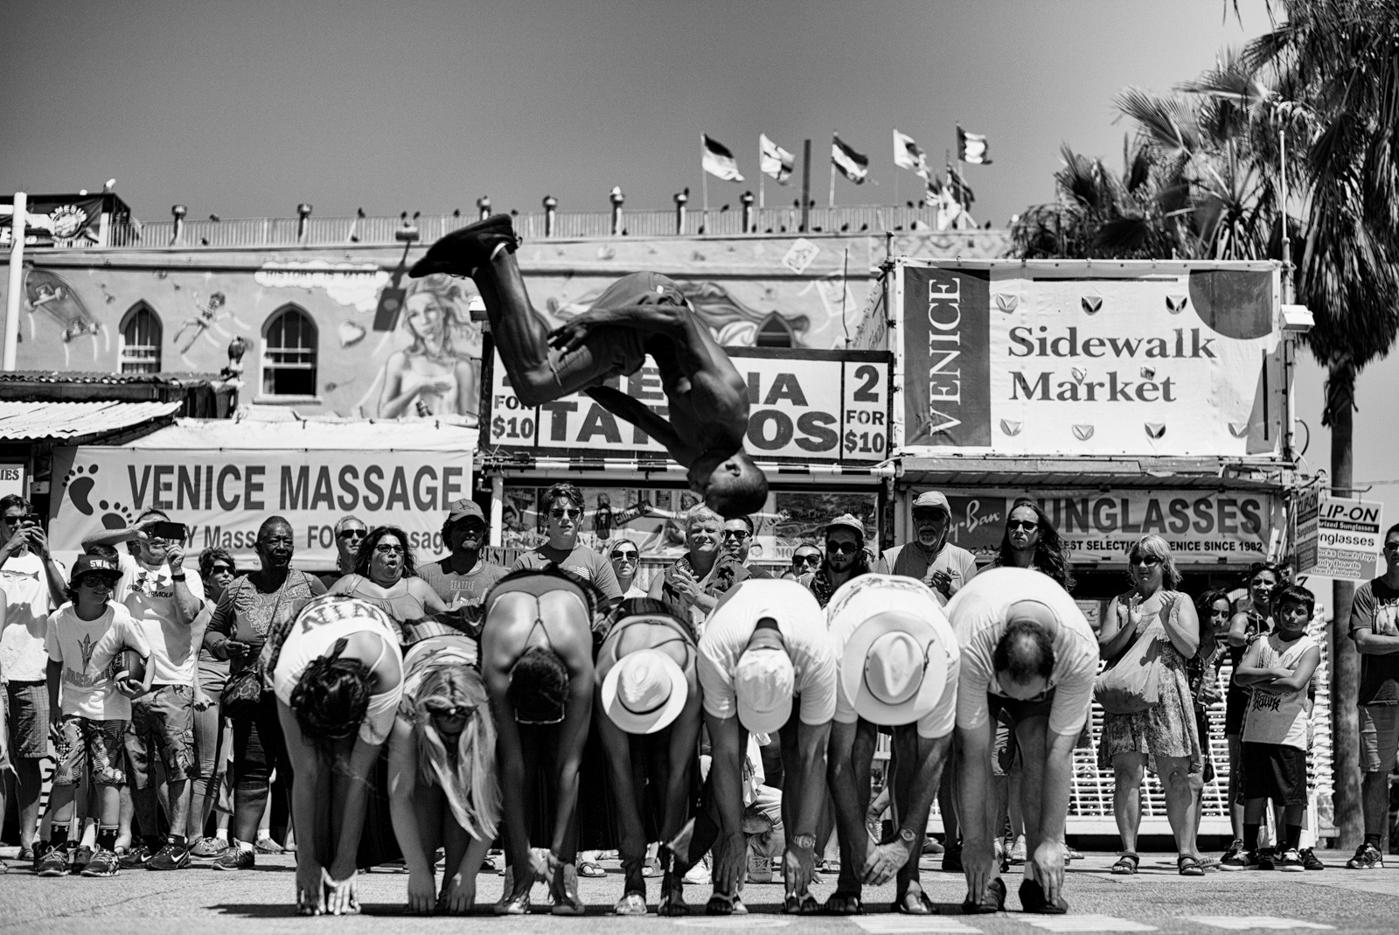 Flying Over the Boardwalk © Dotan Saguy